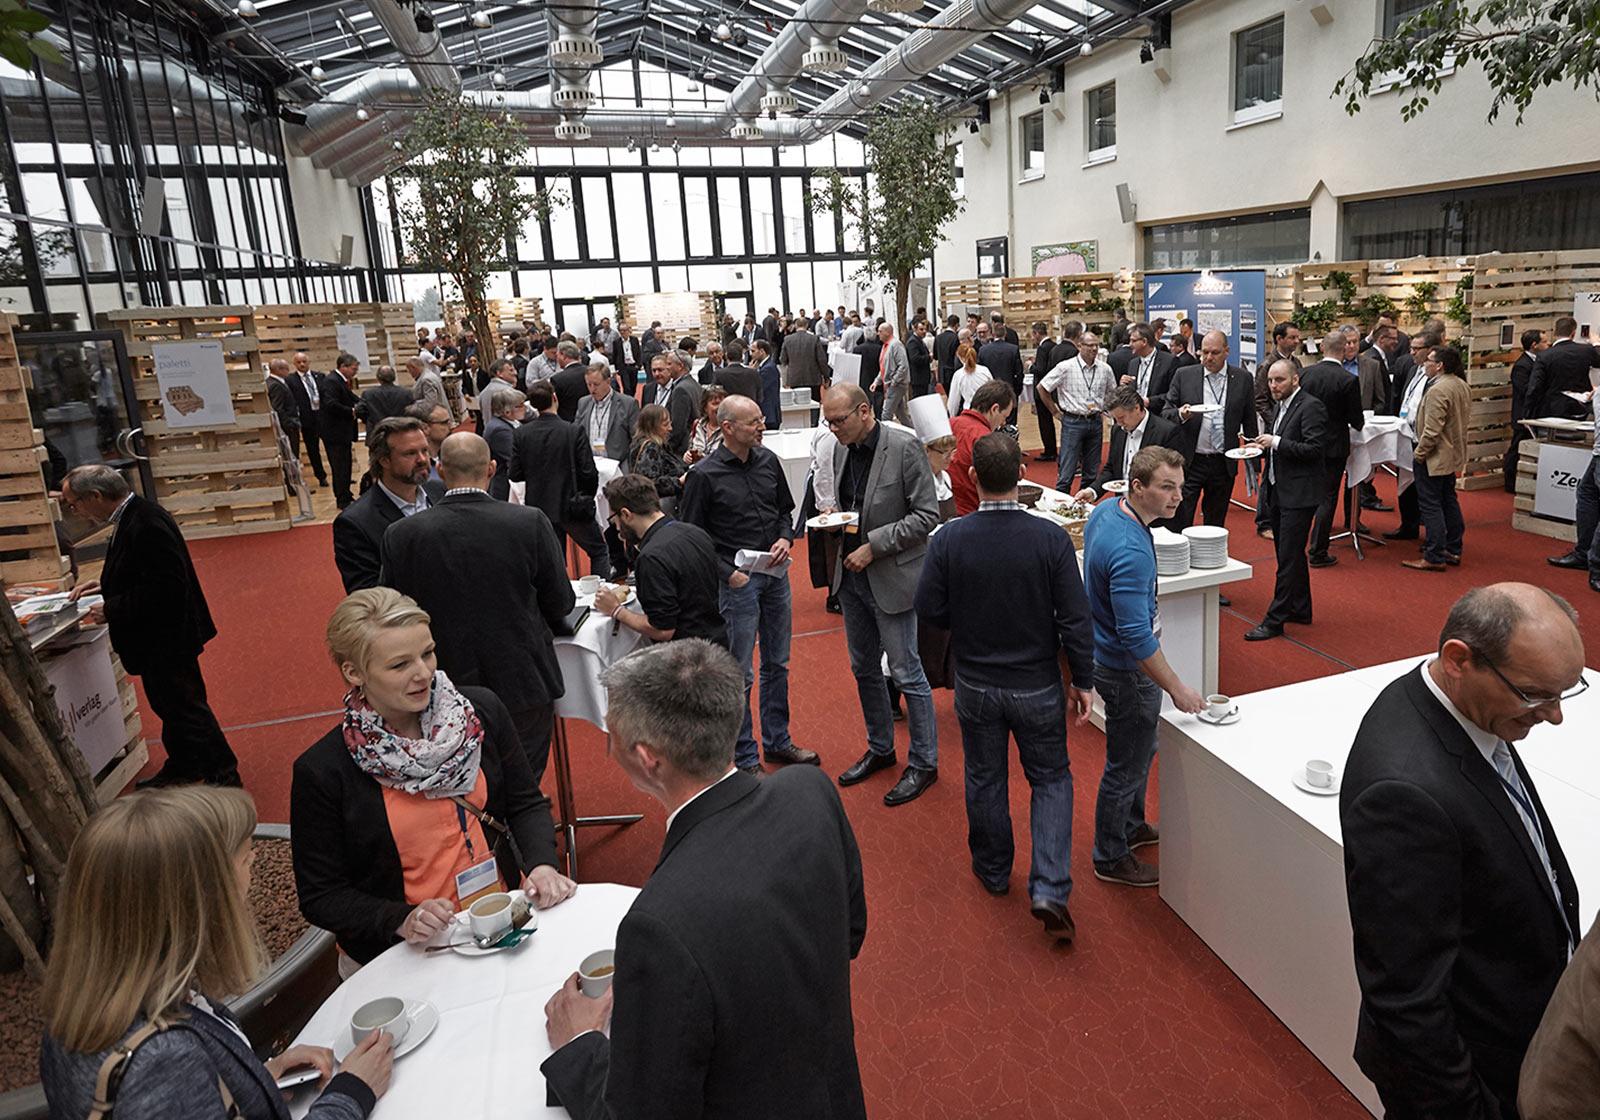 Rund 500 Gäste nutzten die Veranstaltung zum Netzwerken. Foto: DAIKIN